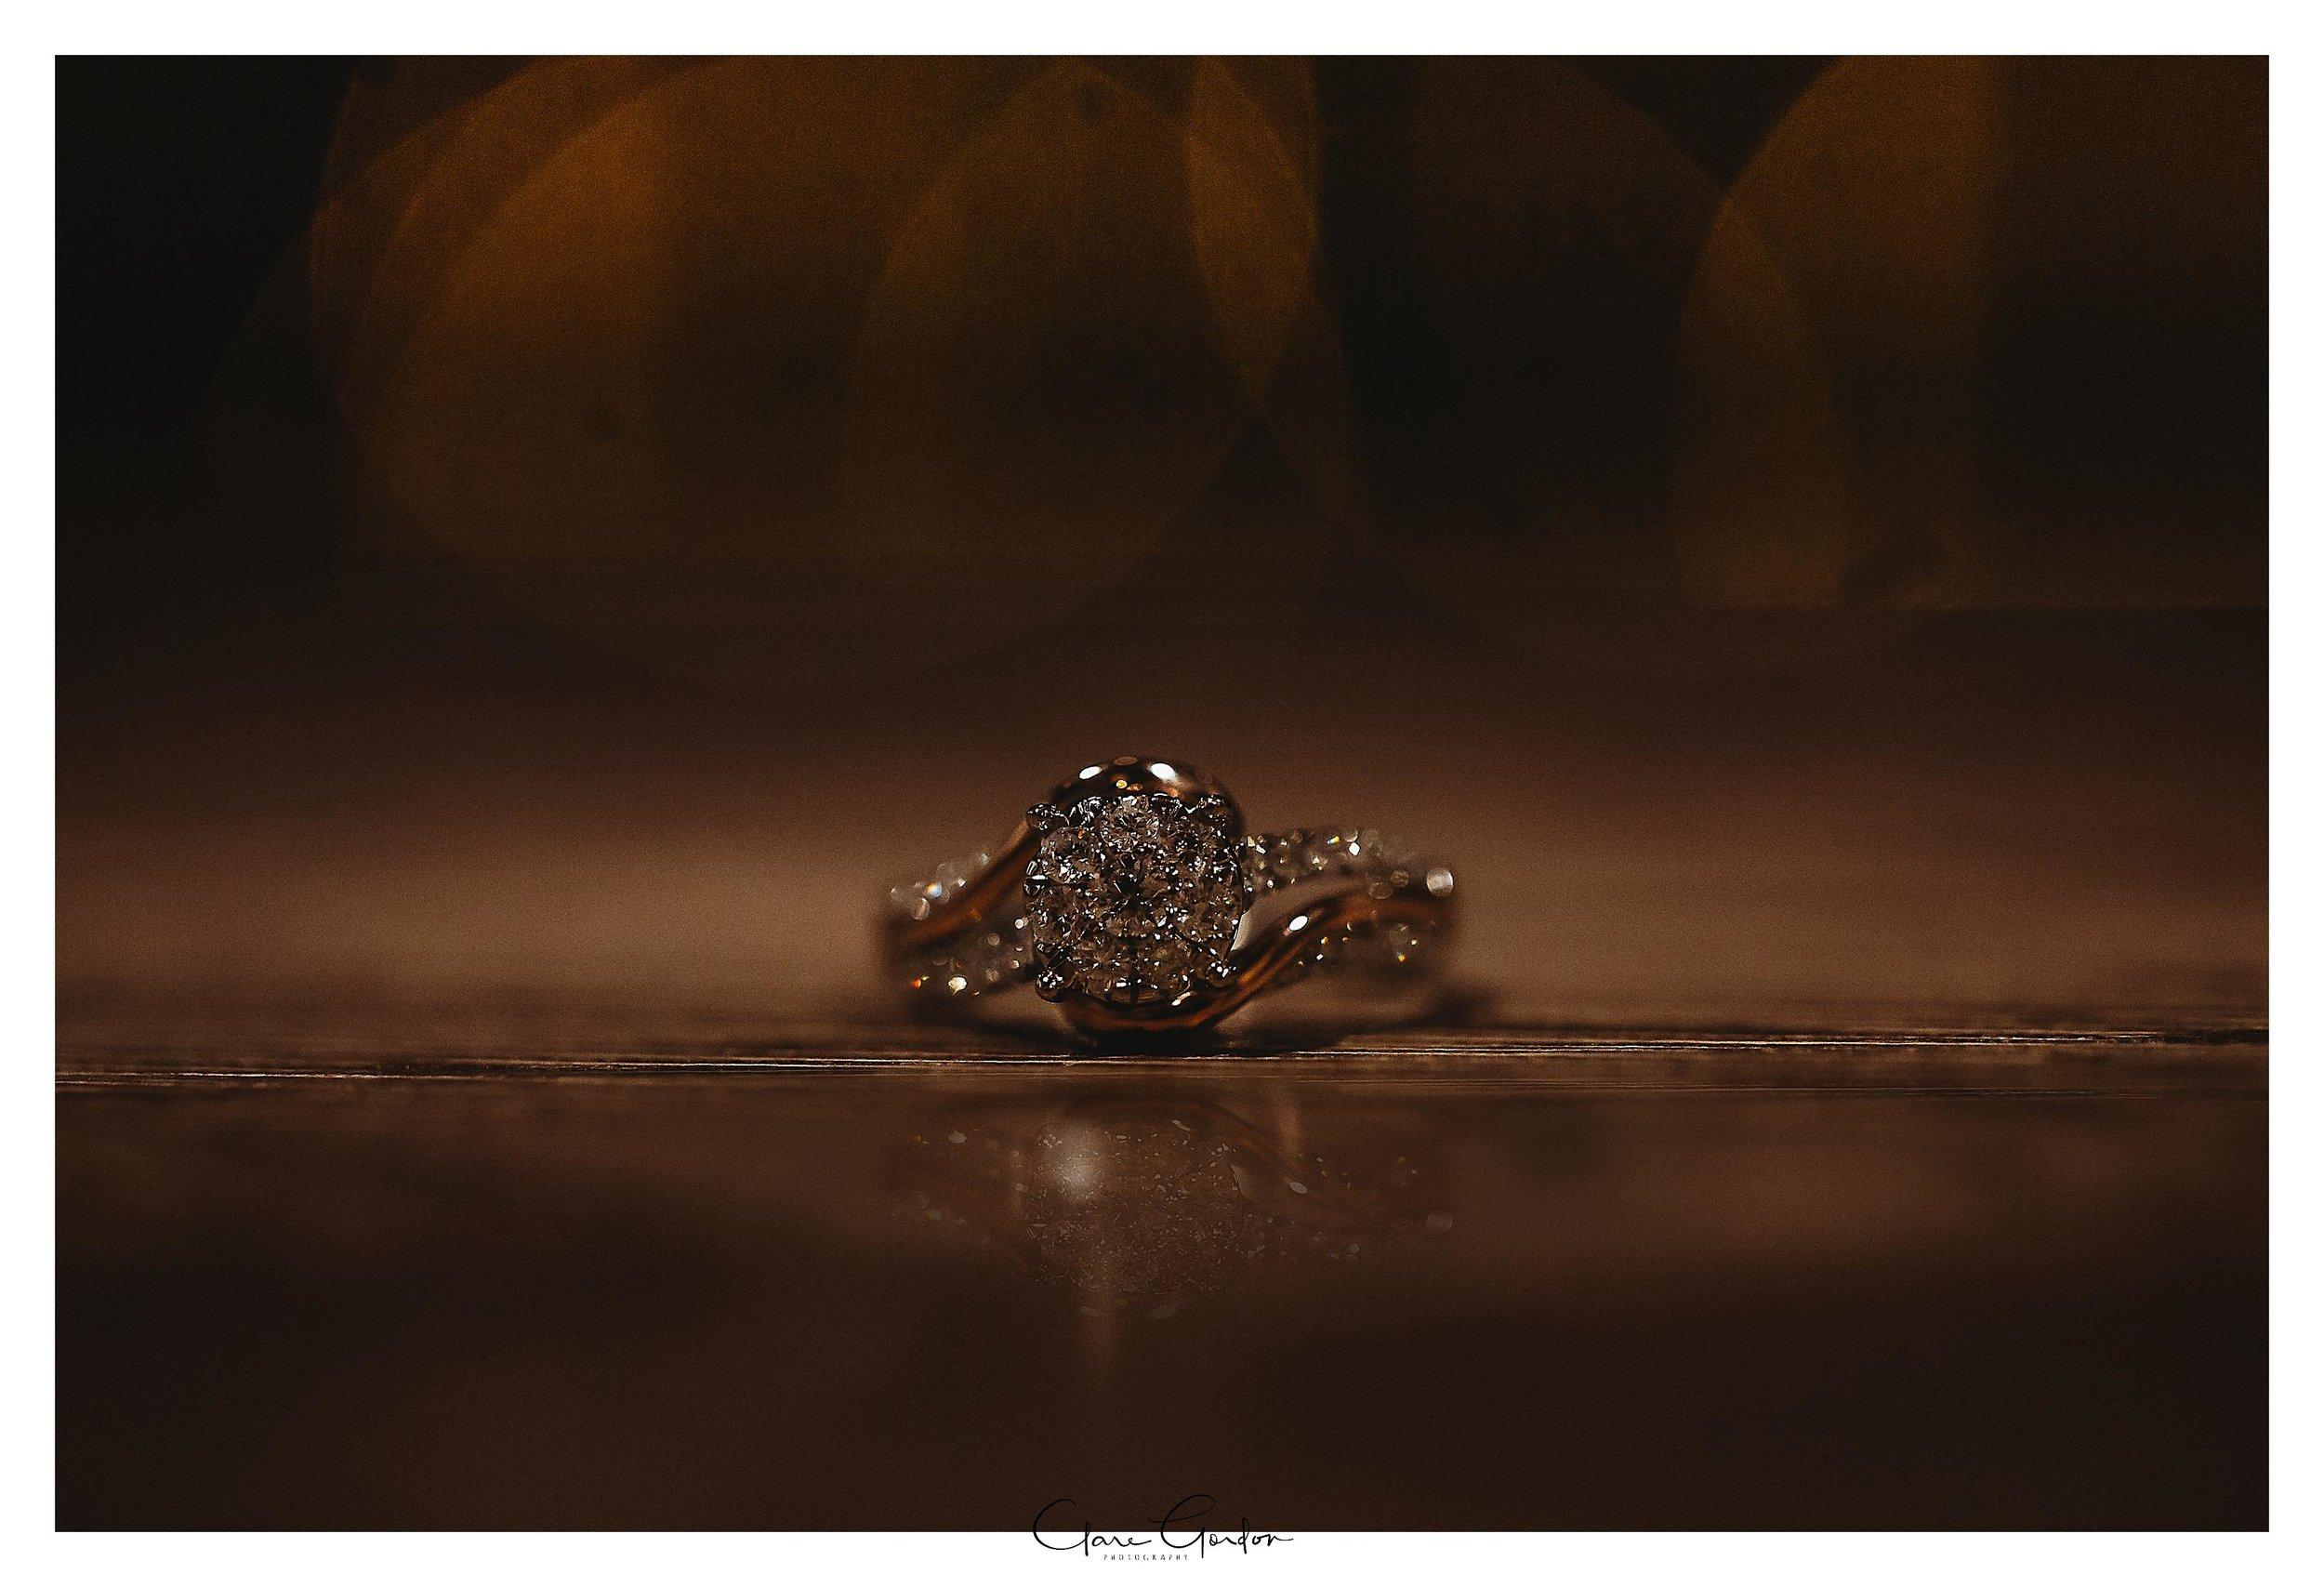 Suprise-Proposal-Engagement-photos-at-night-Raglan-Clare-Gordon-photography (4).jpg